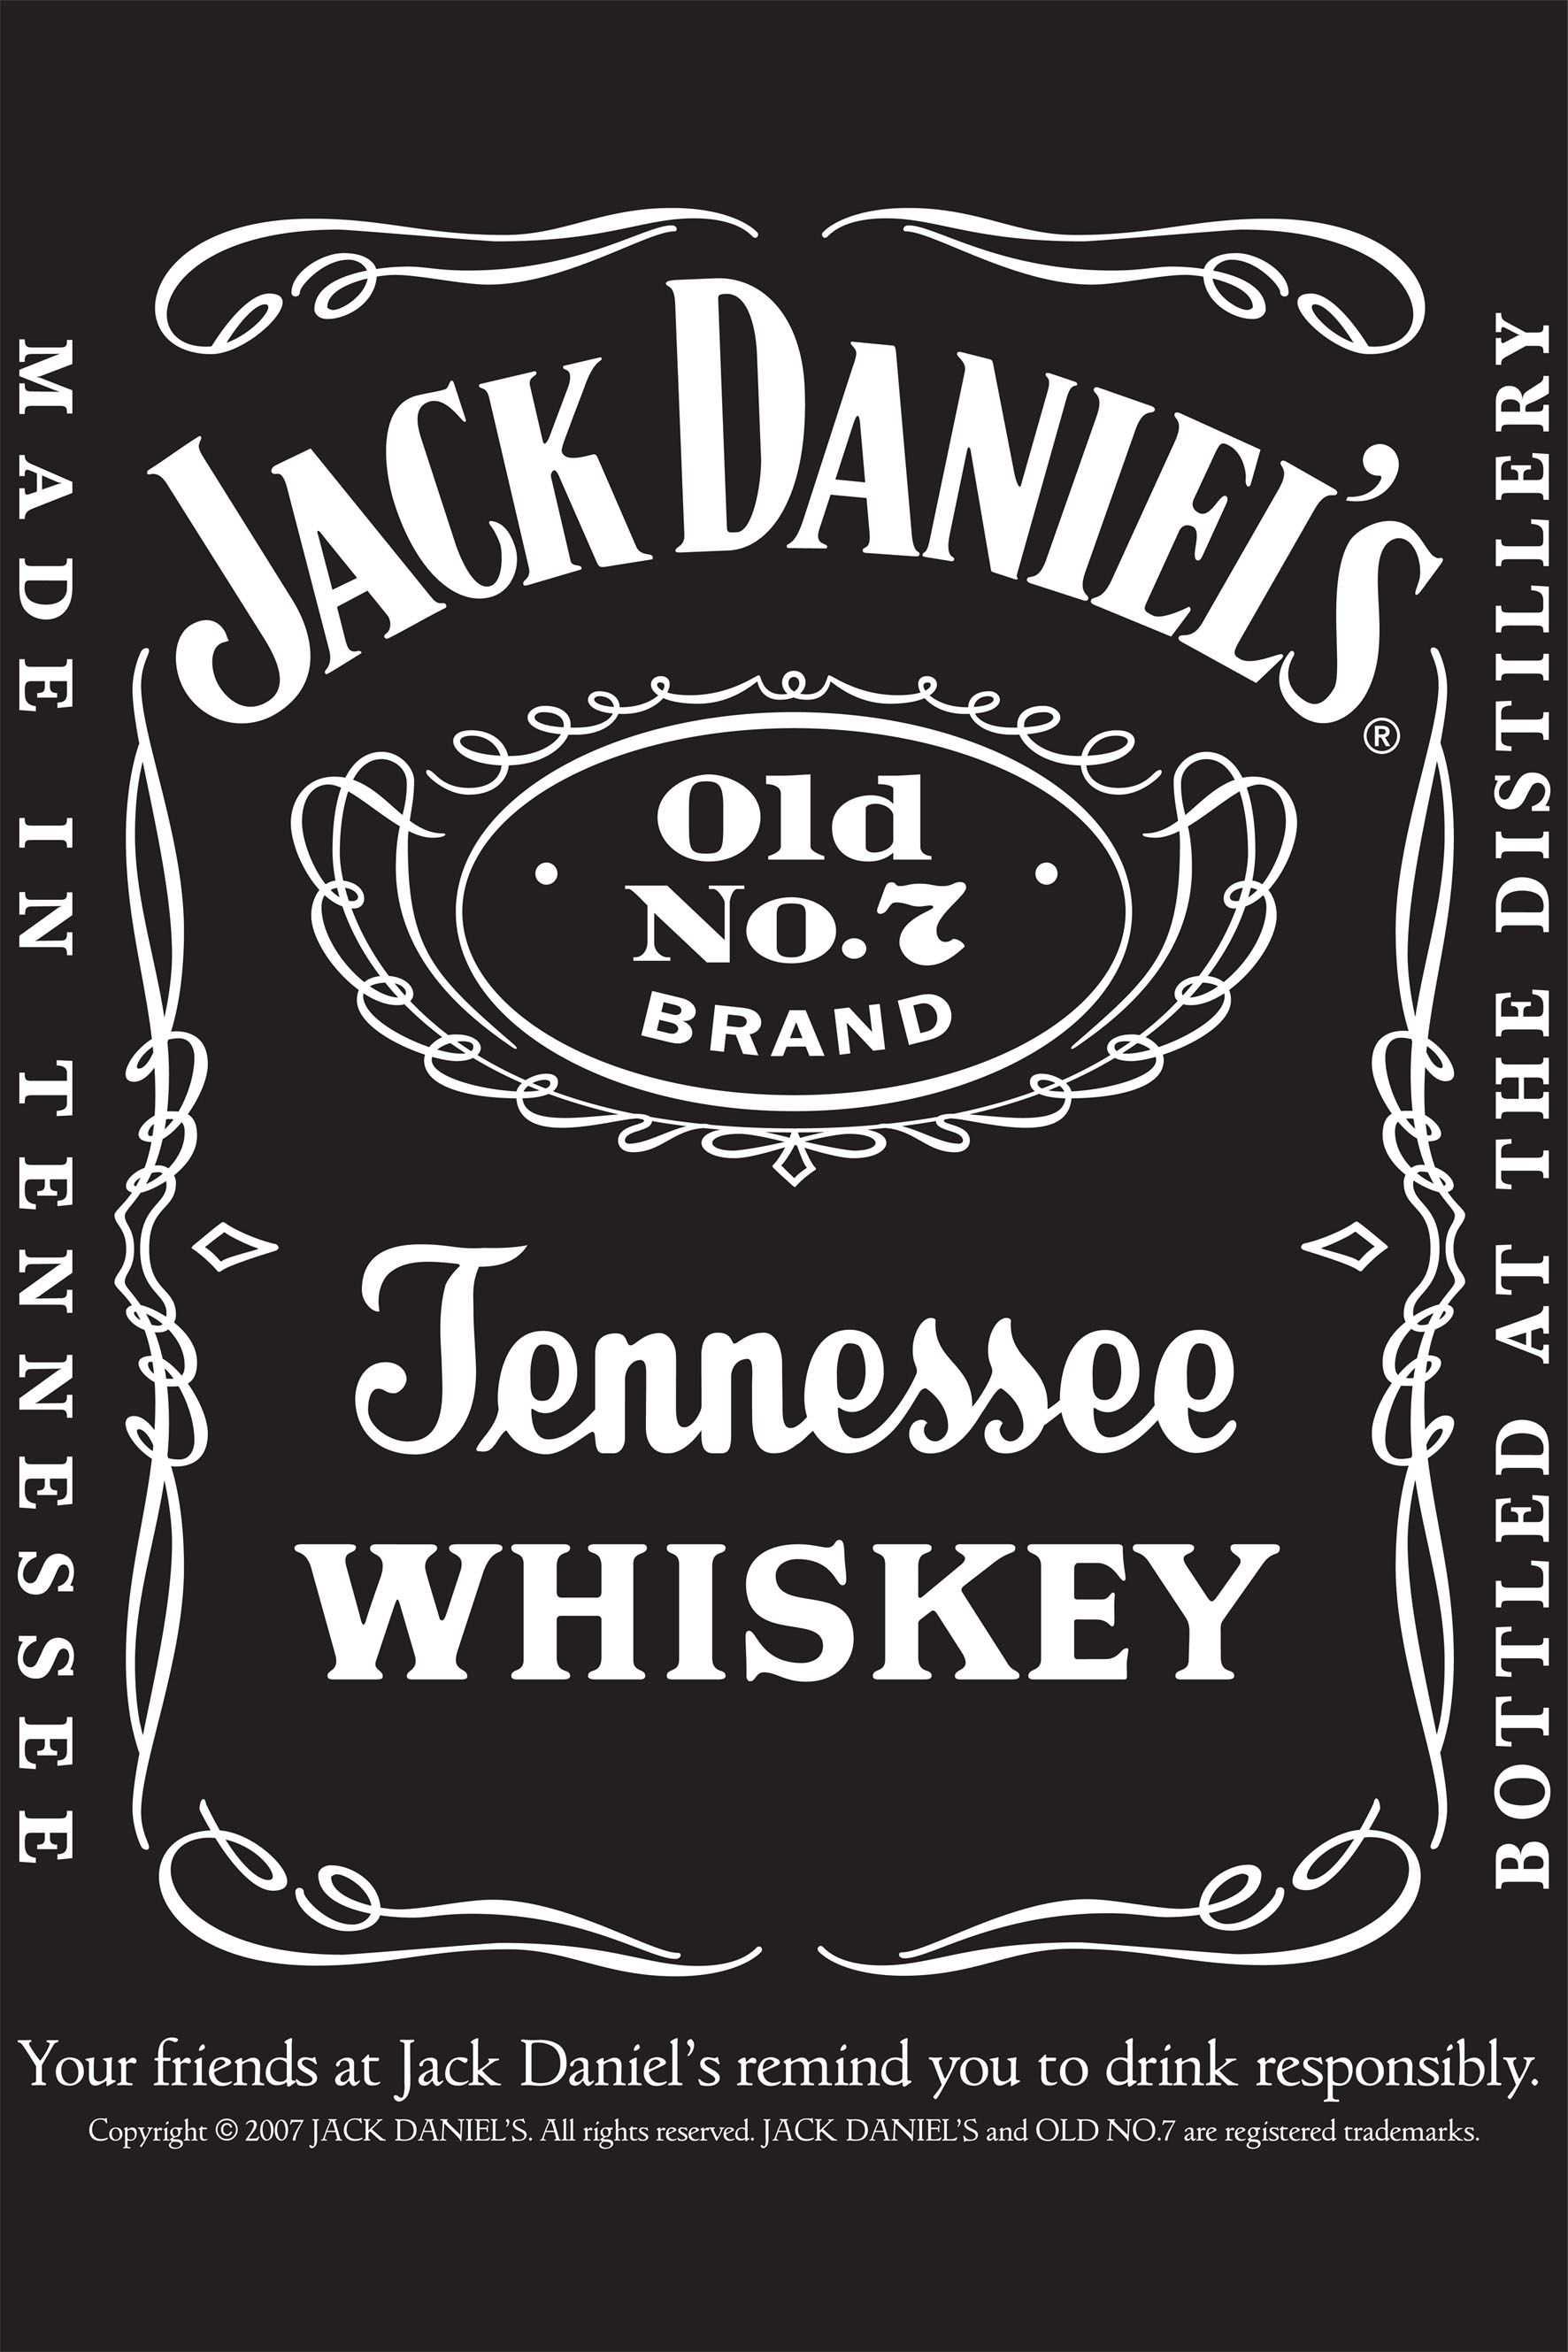 Jack Daniels Vintage Label Whiskey Antique Design Jack